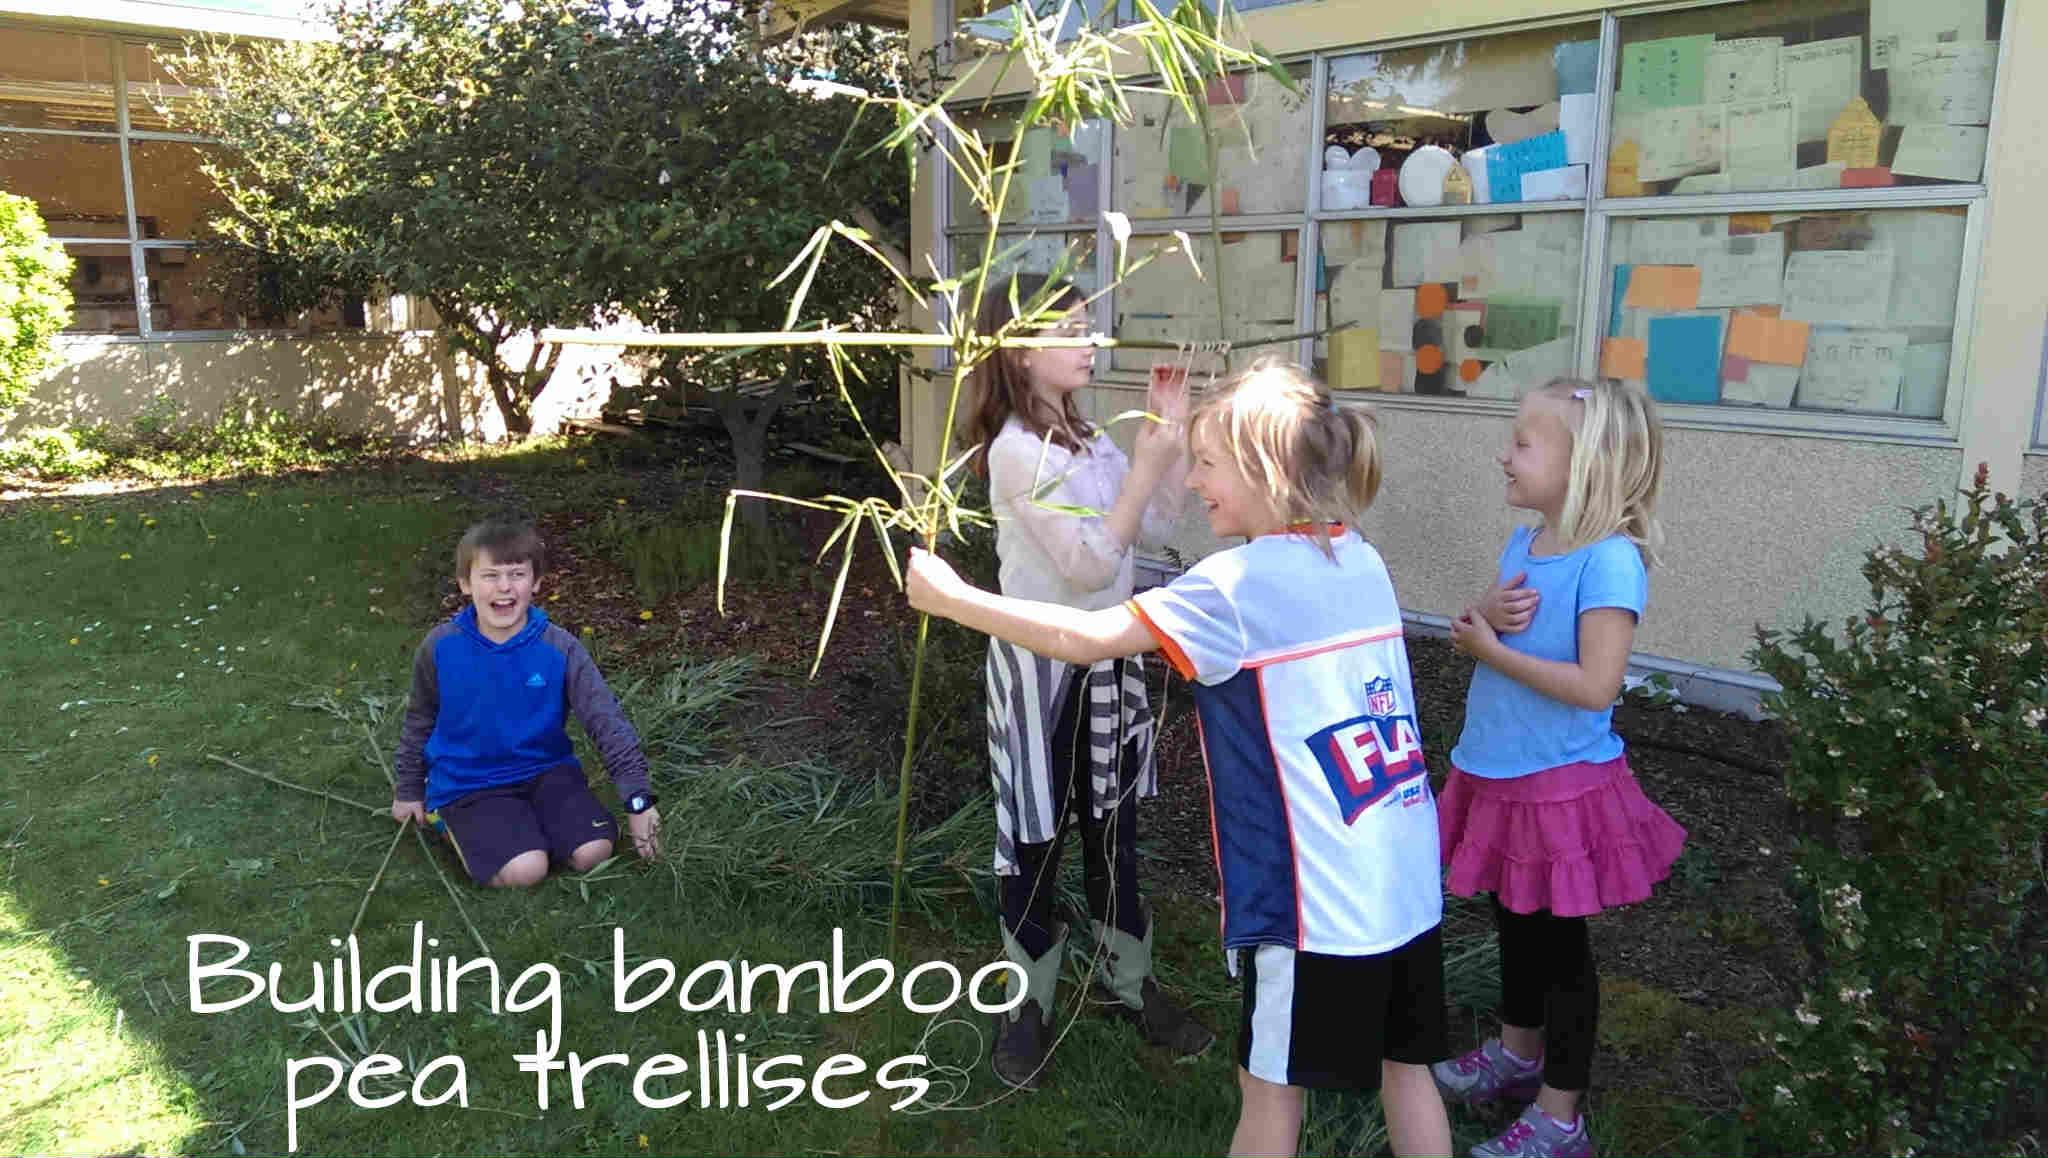 bamboo pea trellis